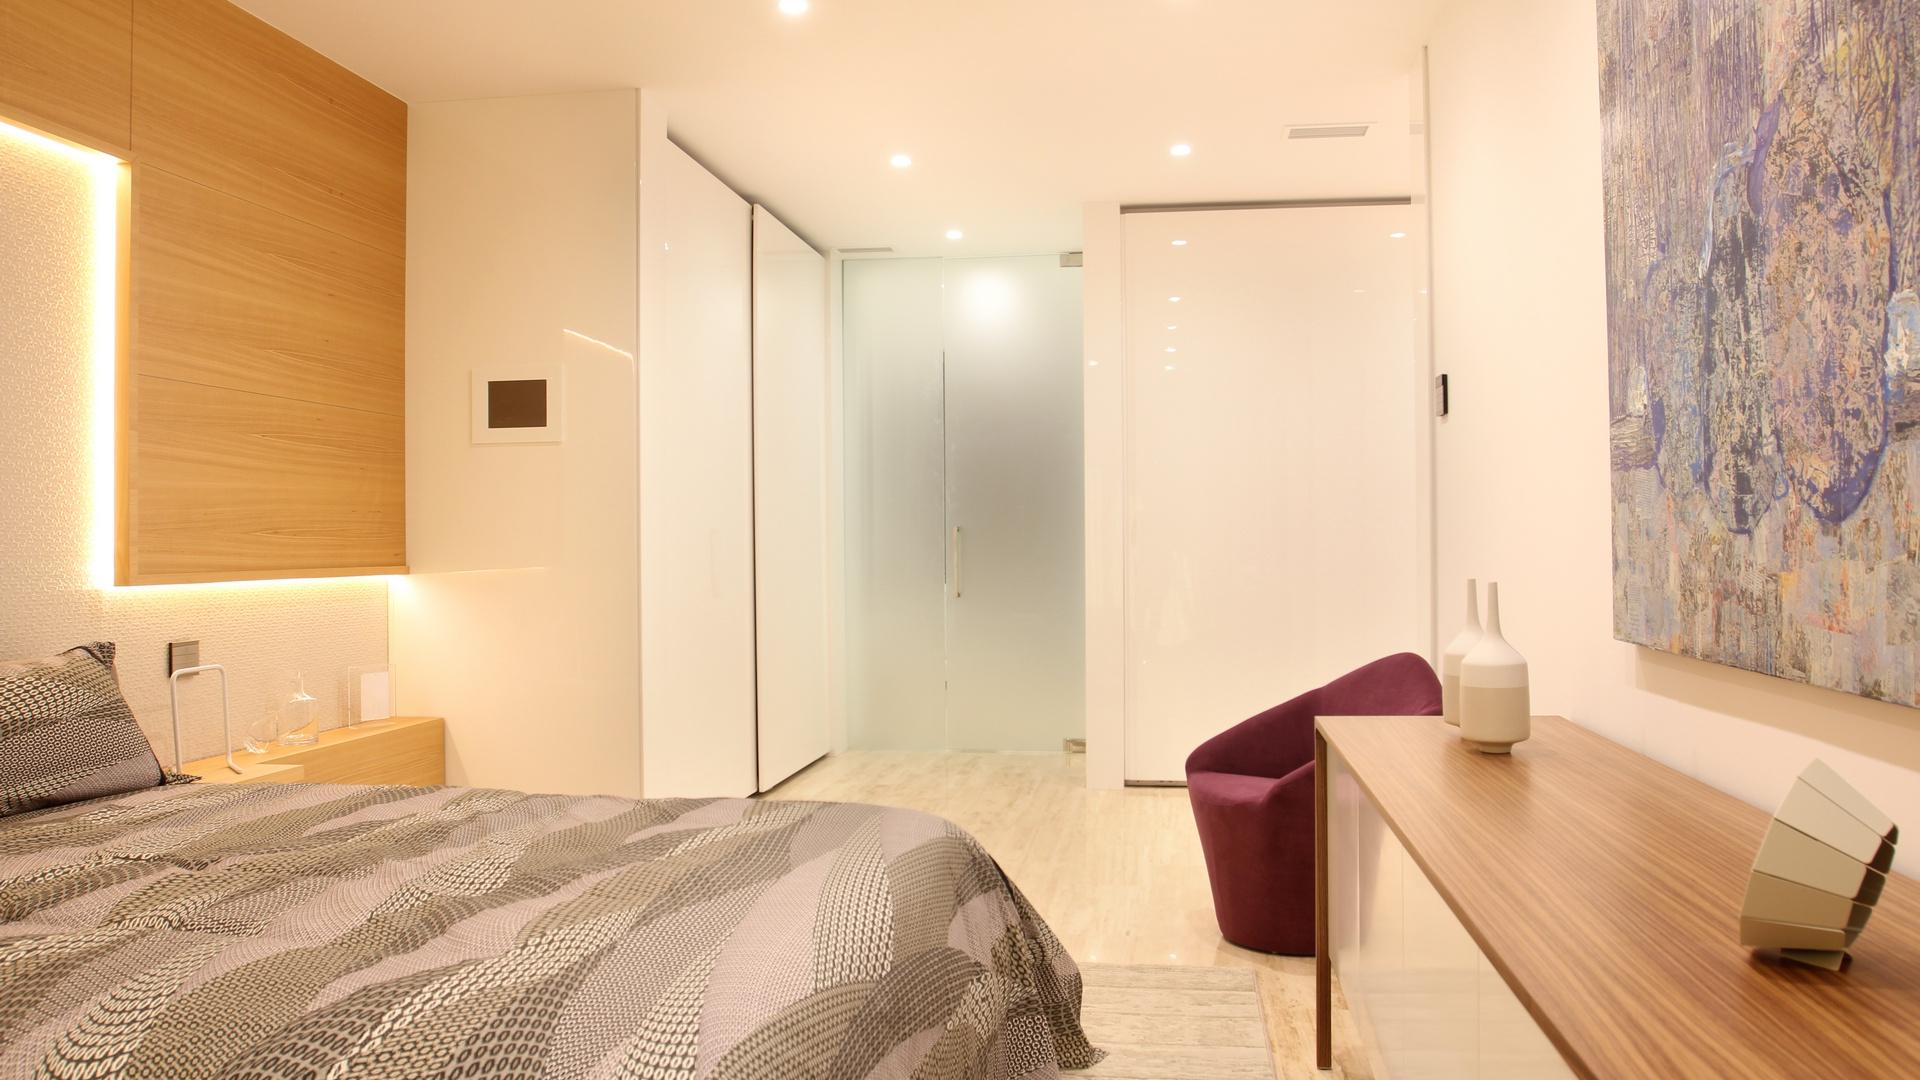 Appartement ocean suite altea acheter ou louer une for Acheter ou louer maison